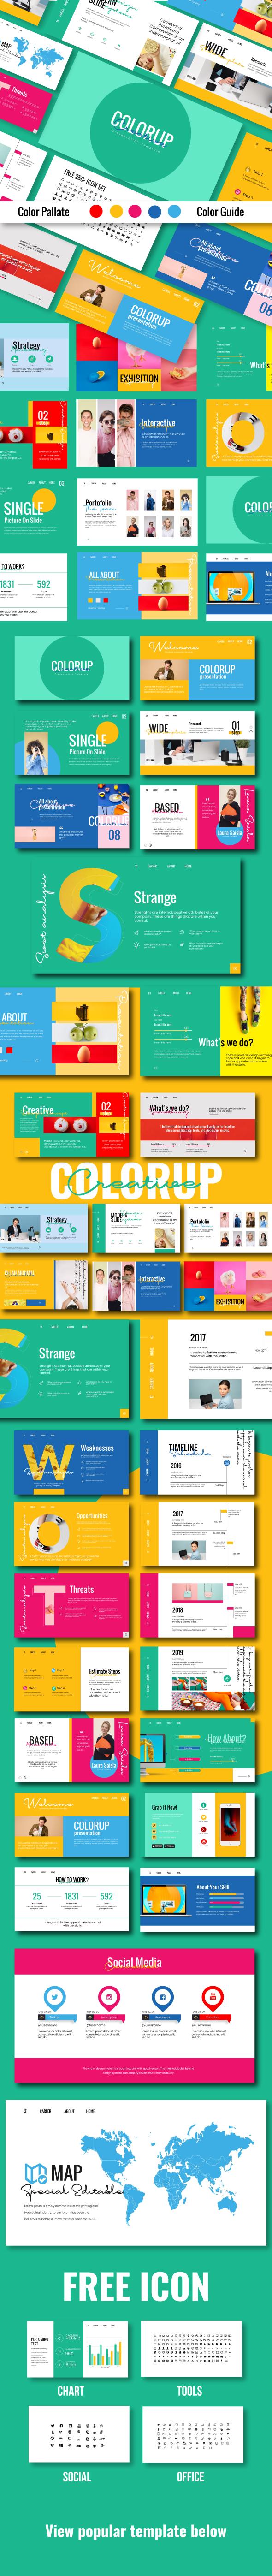 Colorup Google Slide Template